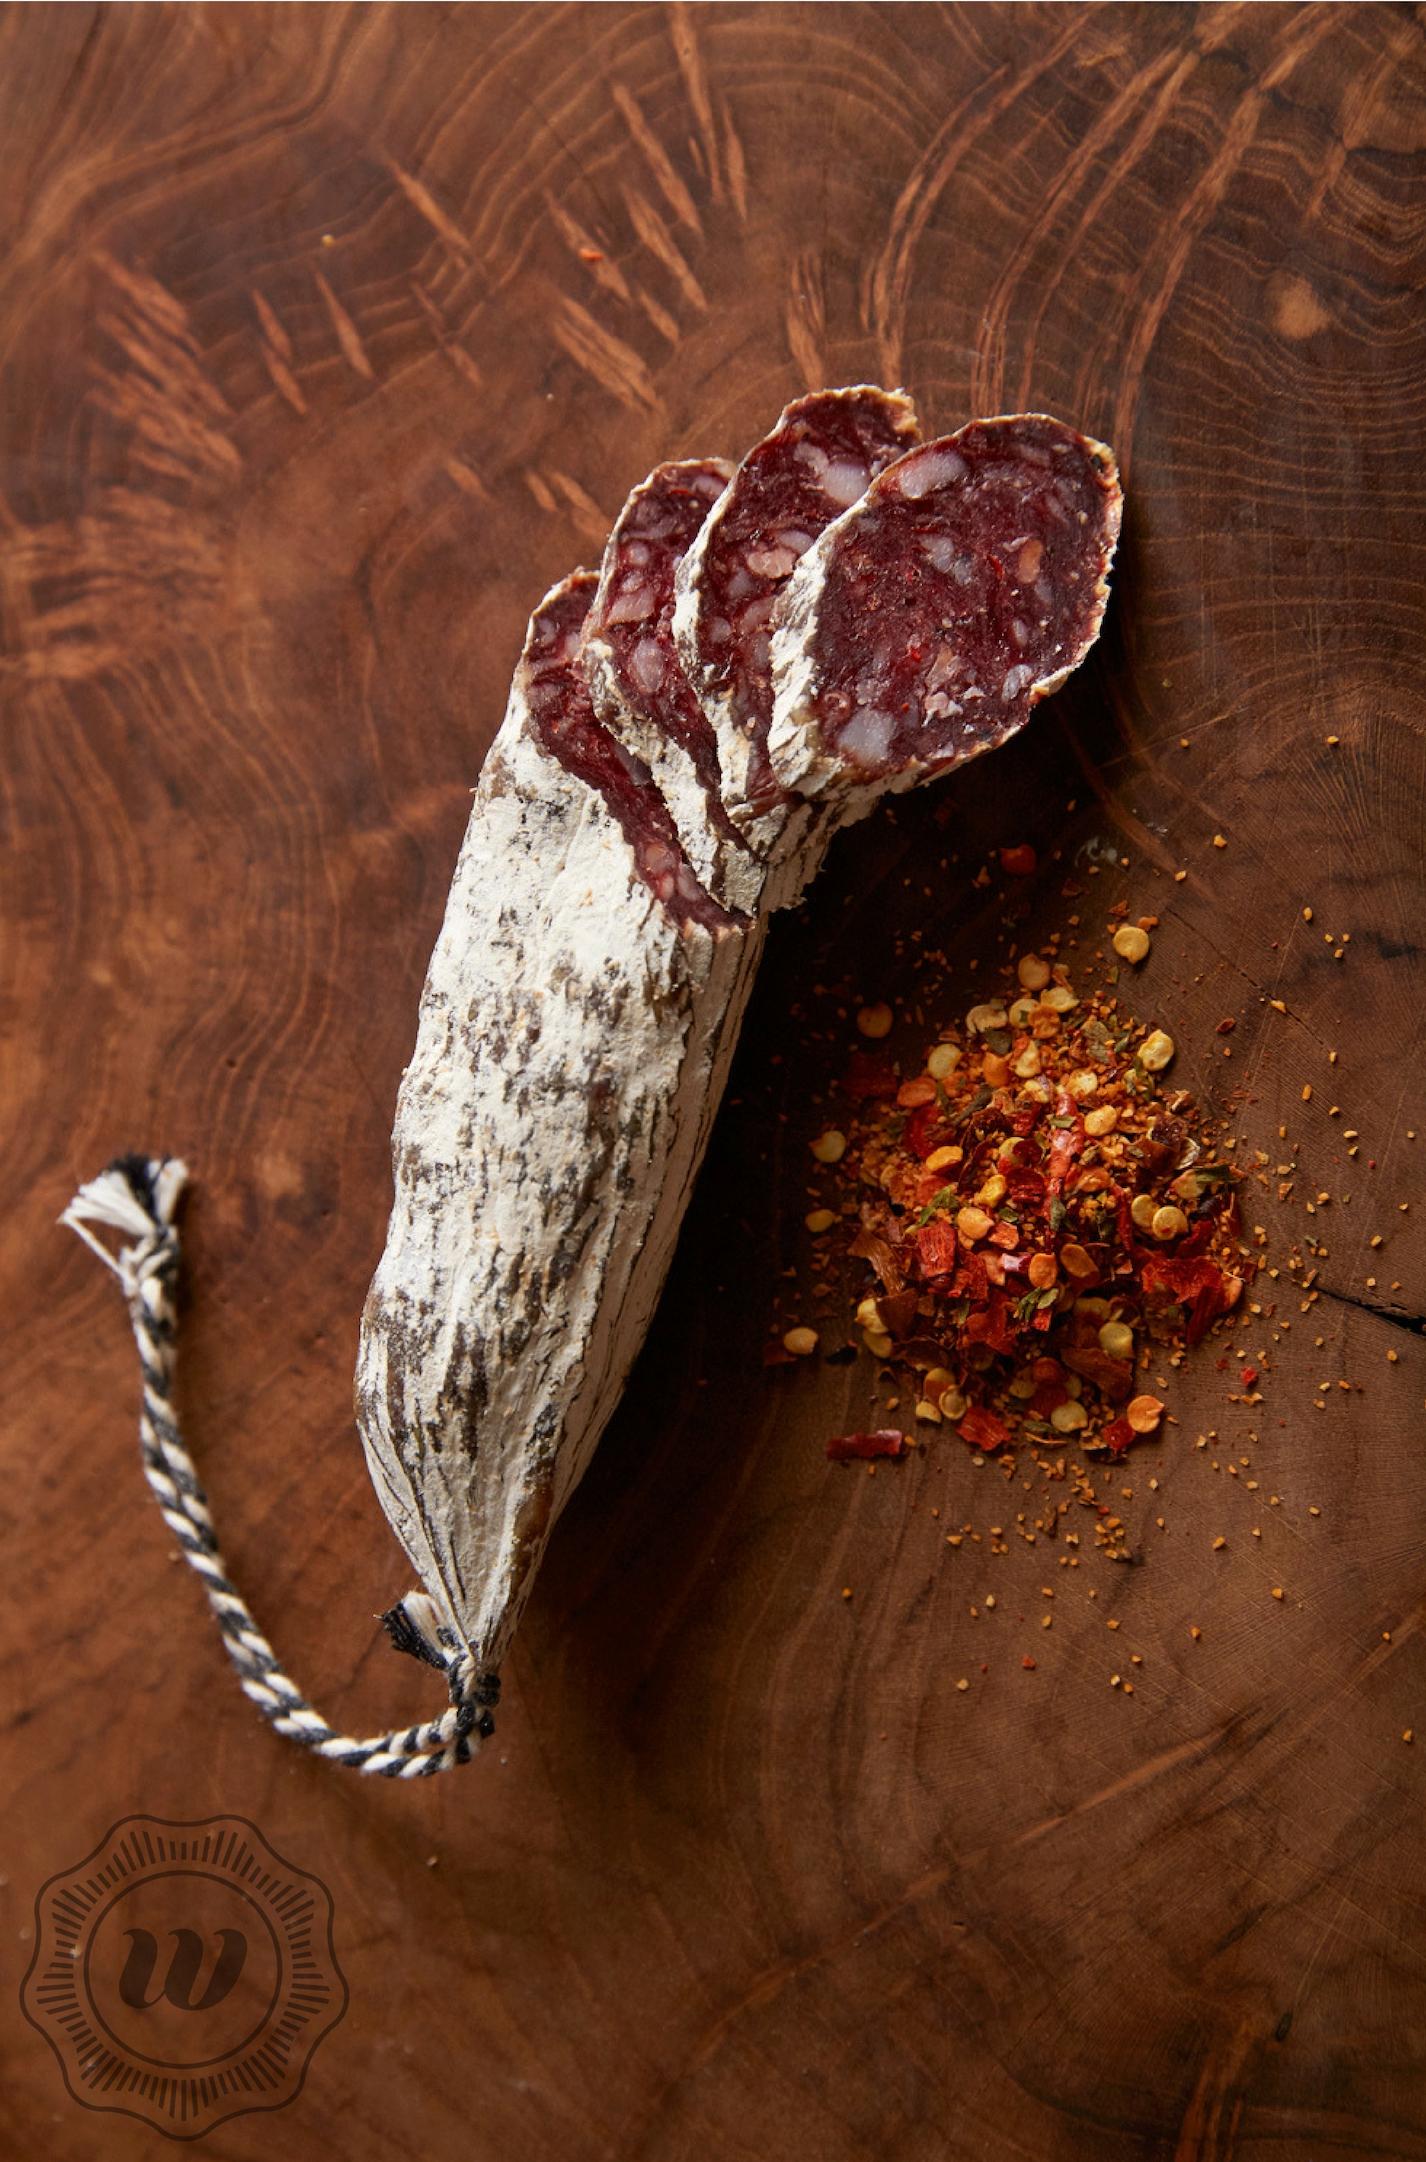 Droge worst van hert, rode wijn en chili - Onze droge worsten worden ambachtelijk gemaakt en gedroogd.